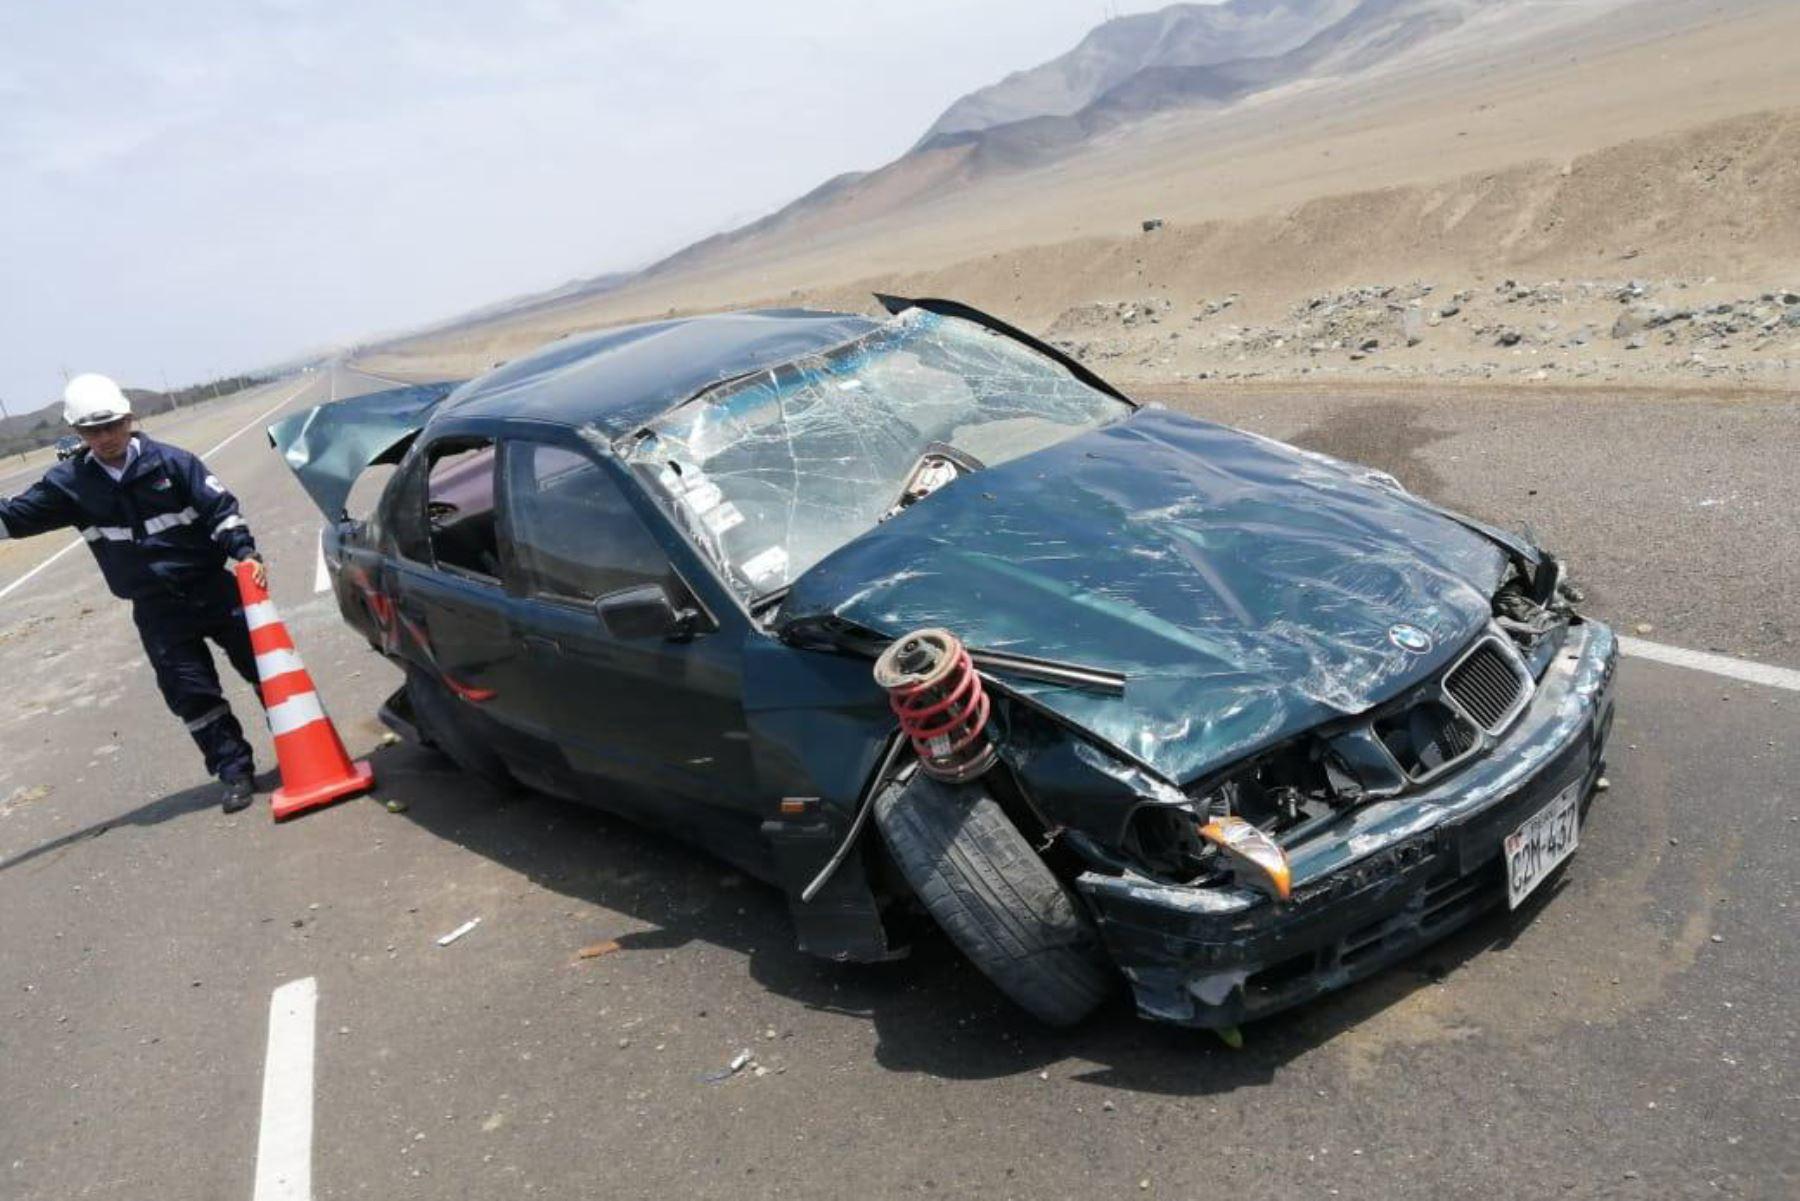 Accidente en la carretera Panamericana Norte protagonizado por el vehículo de placa C2M-437 dejó dos fallecidos y dos heridos.